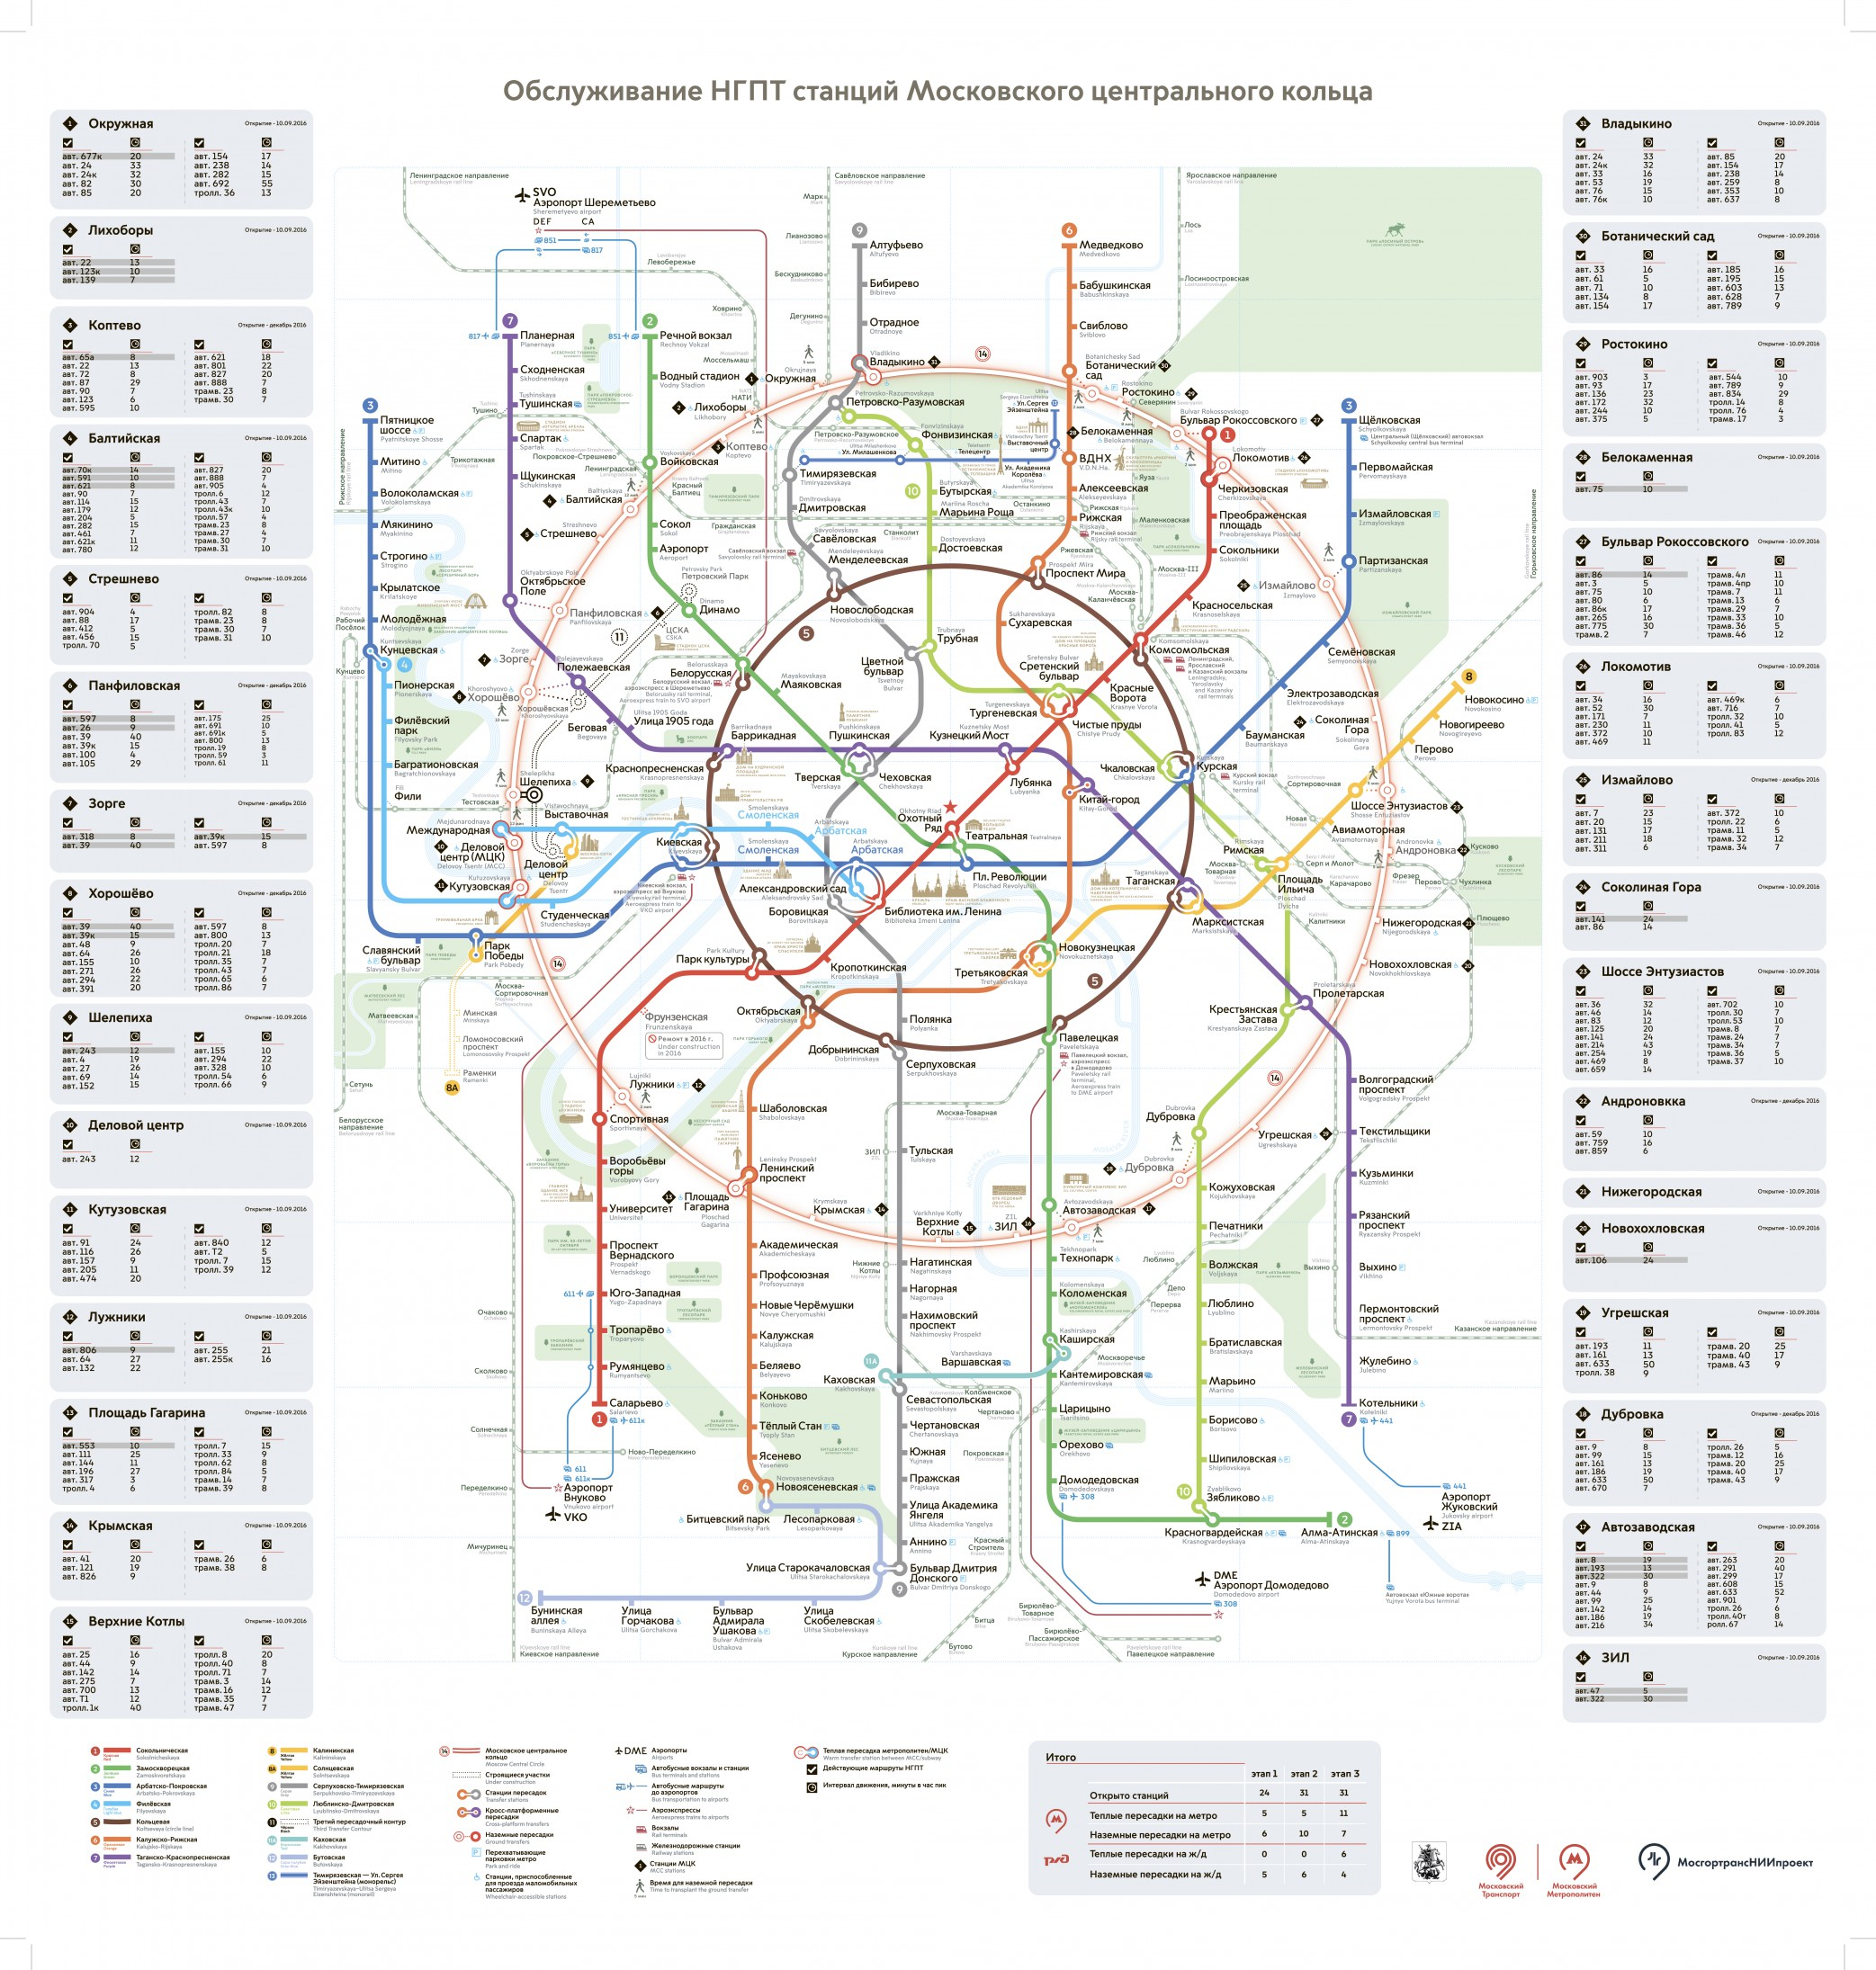 Схема метрополитена и московского центрального кольца фото 824